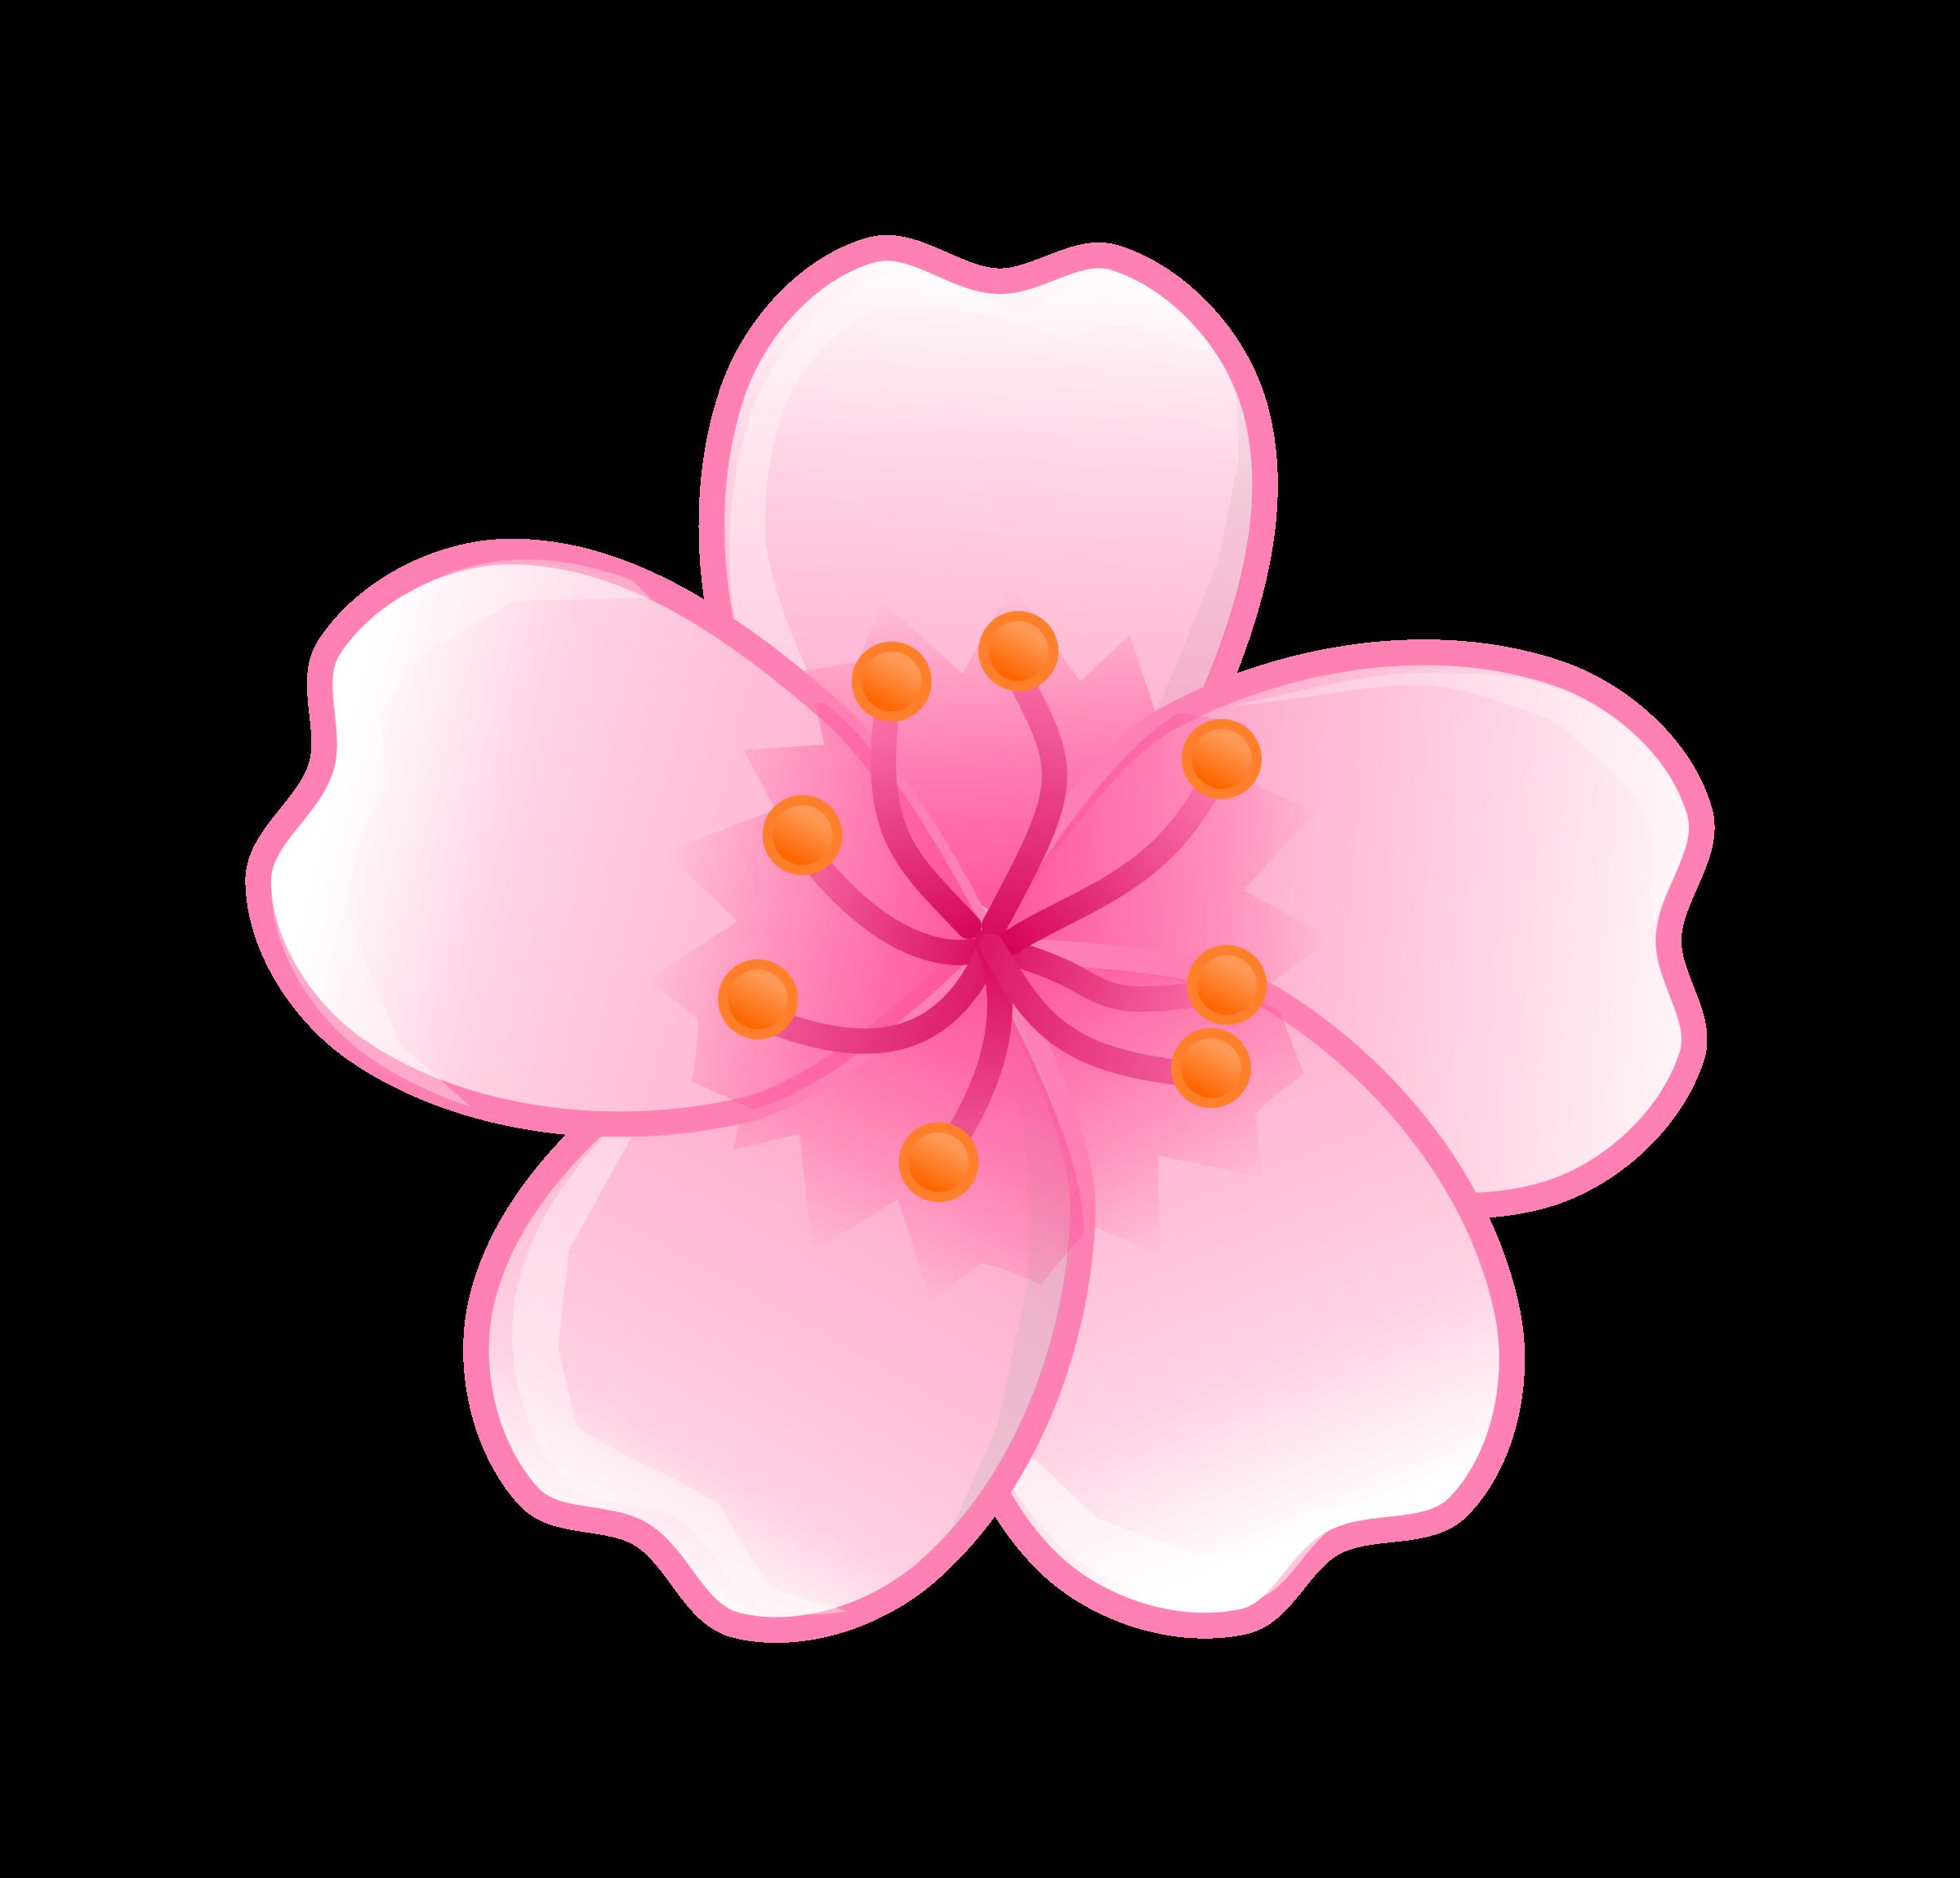 Sakura flower clipart png image free Sakura flower clipart png - ClipartFest image free